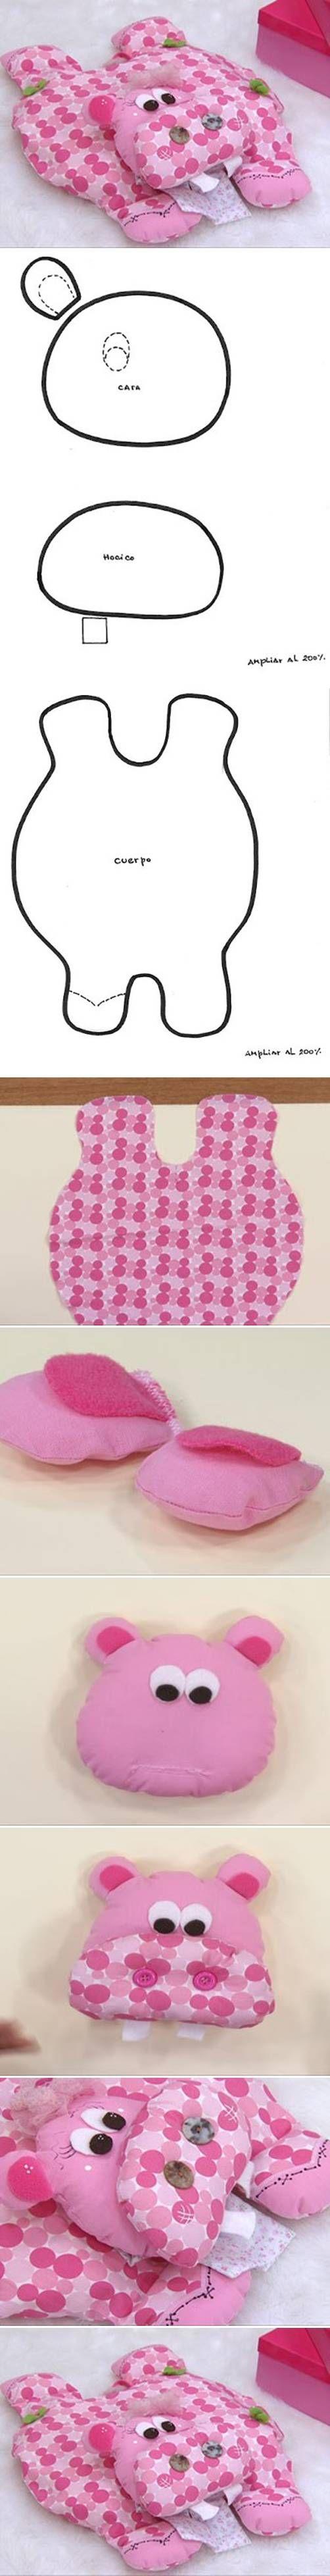 DIY Hippo Pillow: